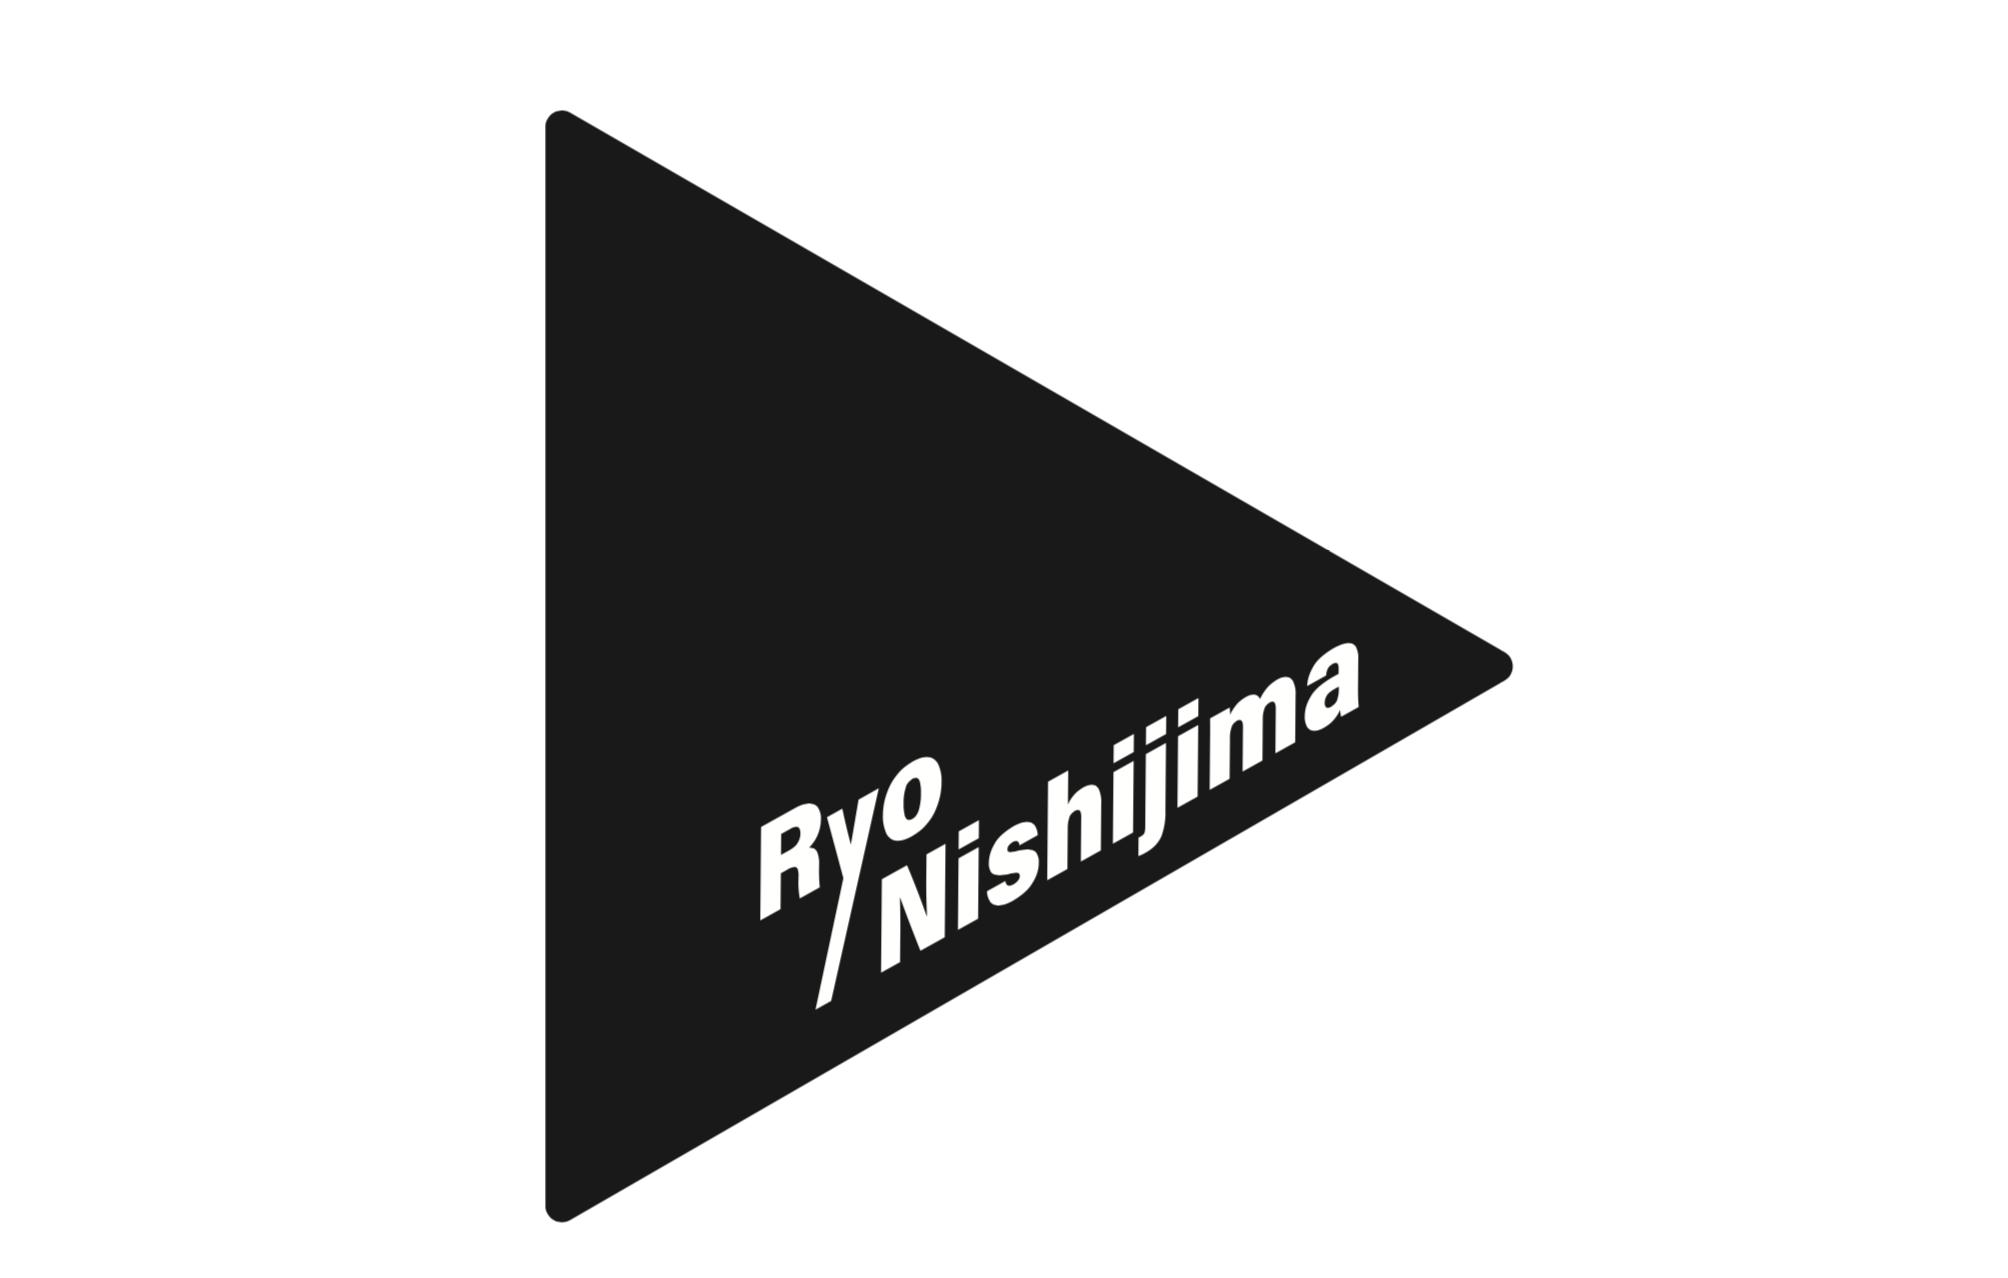 Ryo Nishijima